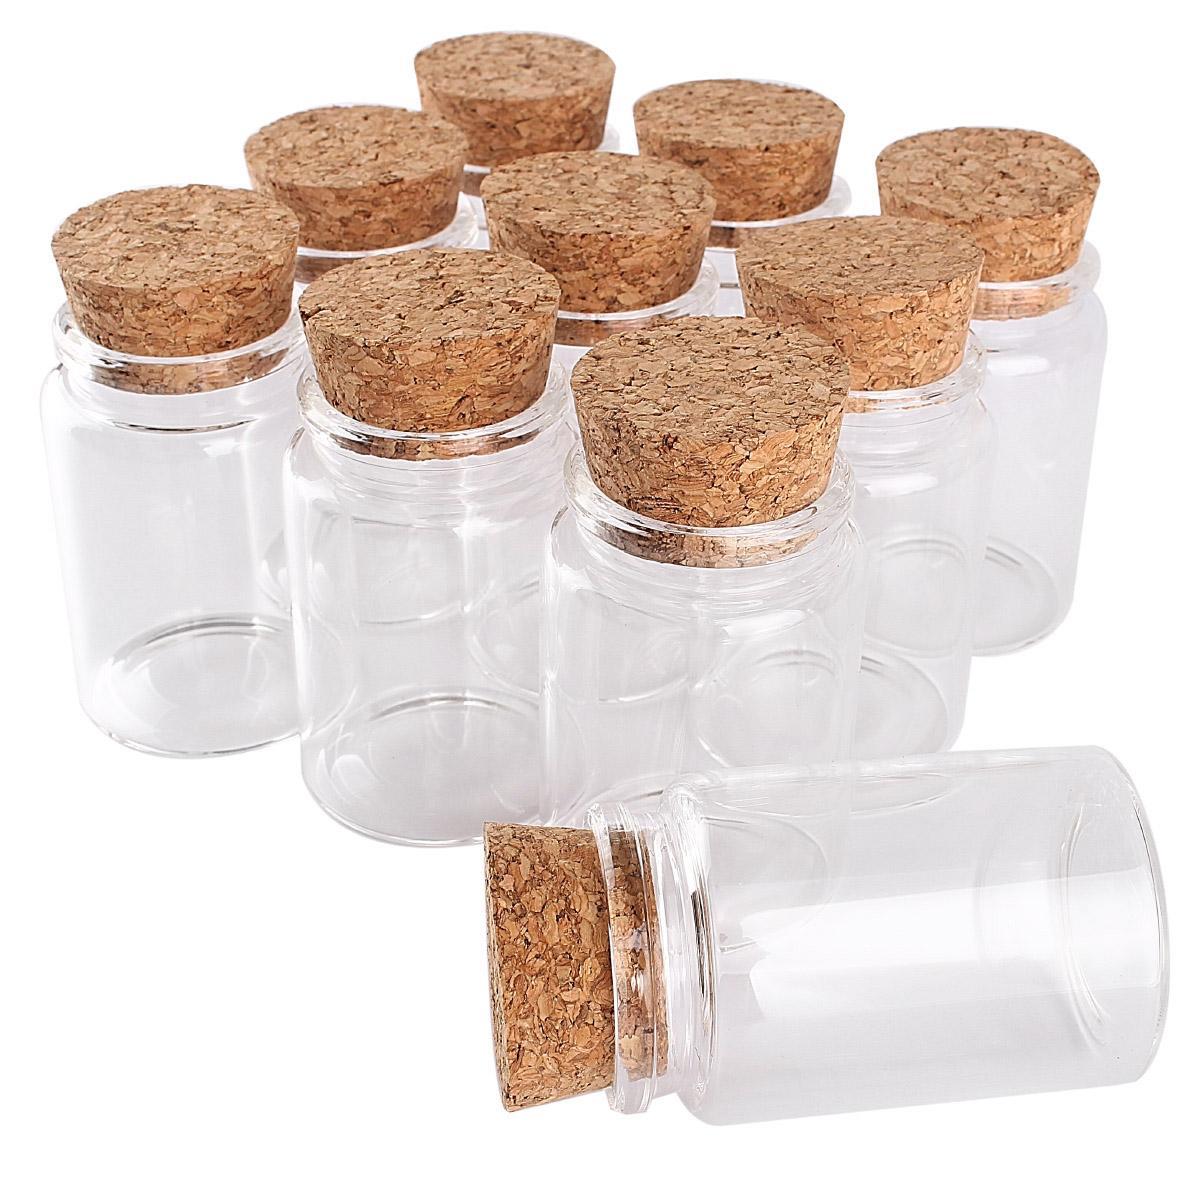 12 parça 80ml 47 * 70 * 32mm Cam Şişeler mantarlar ile Spice kavanozlar Vials cam konteyner düğün farours